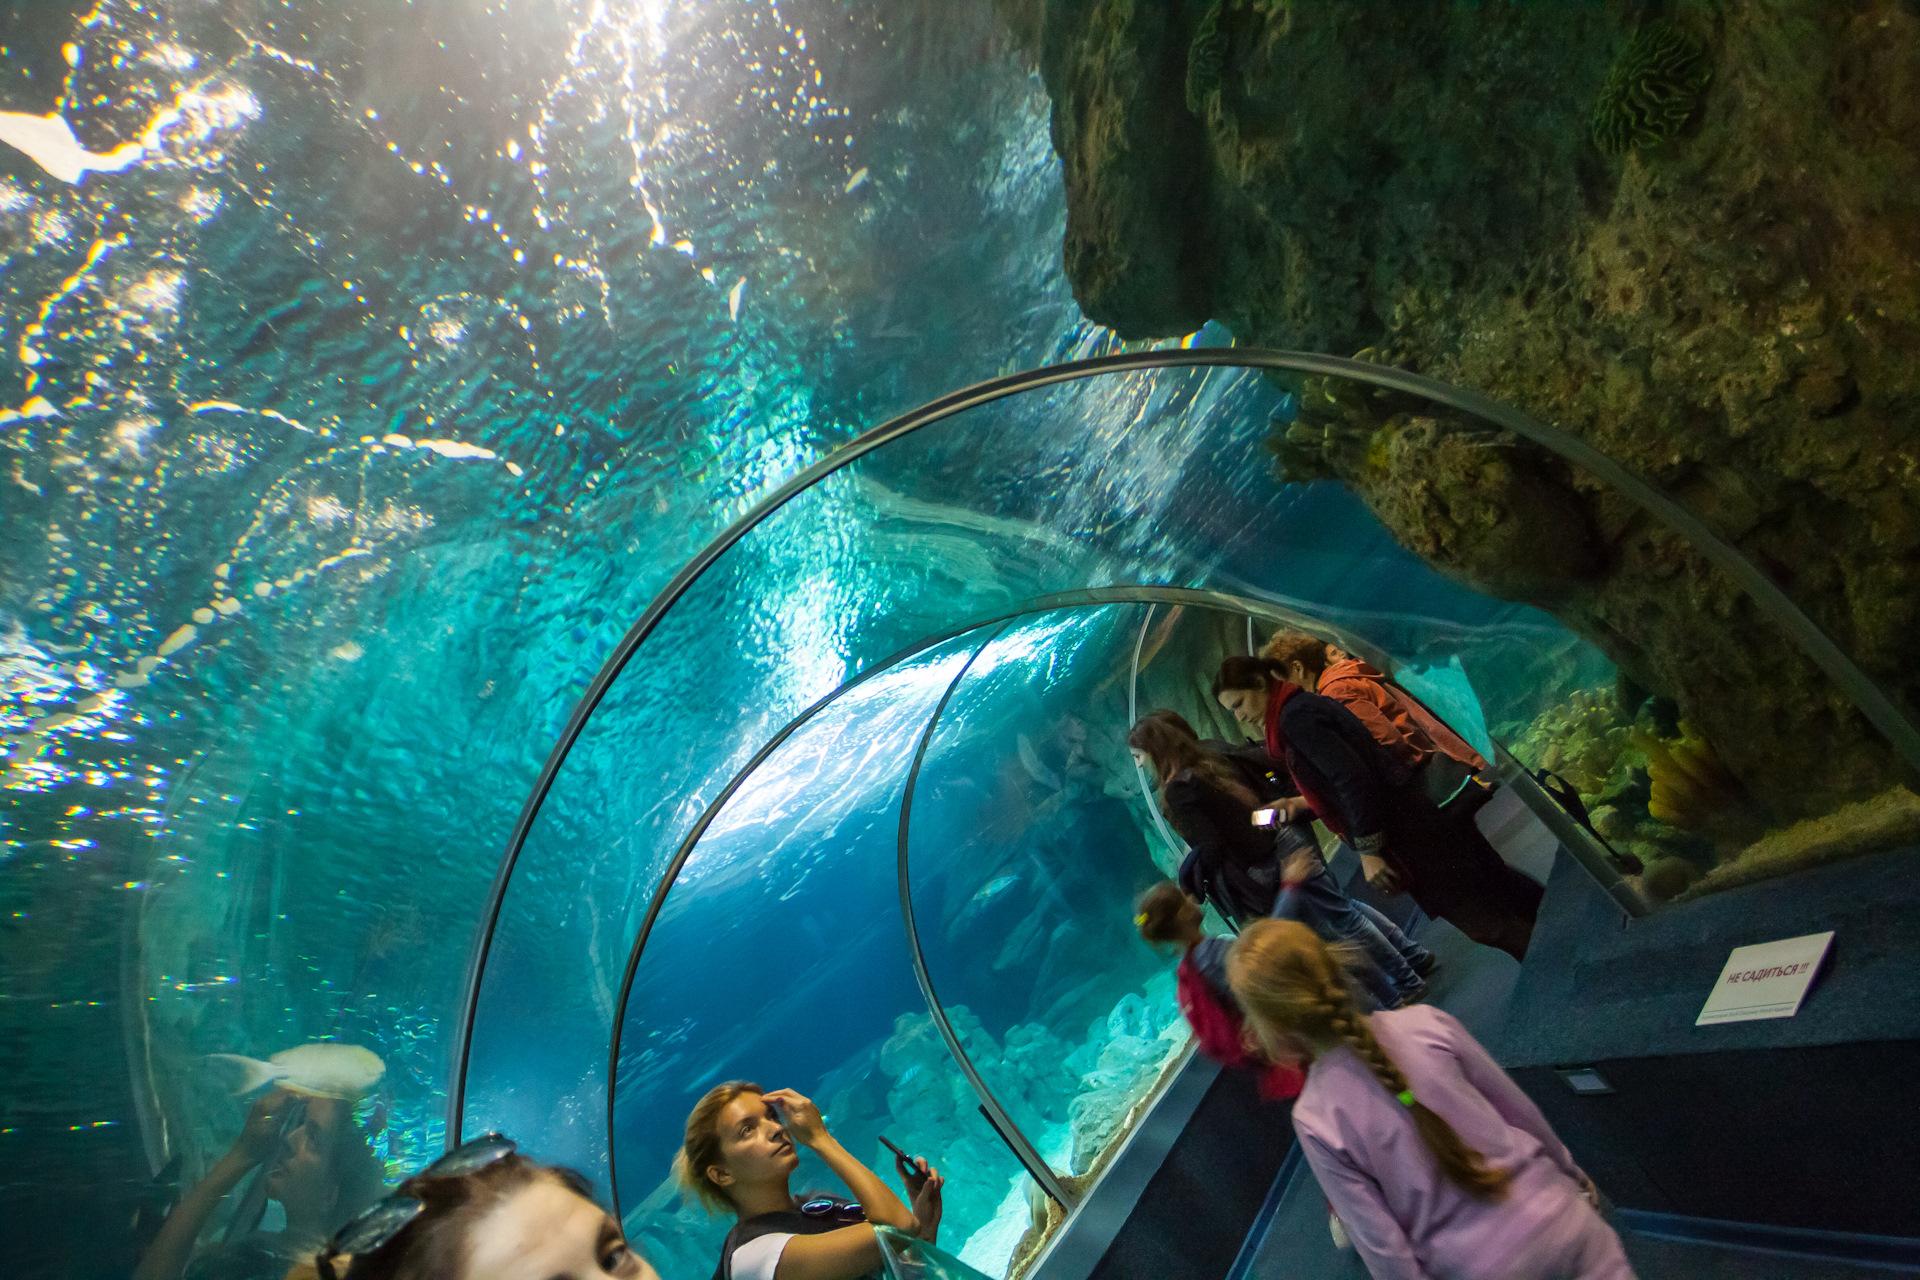 большой адлерский океанариум фото важный главный богов